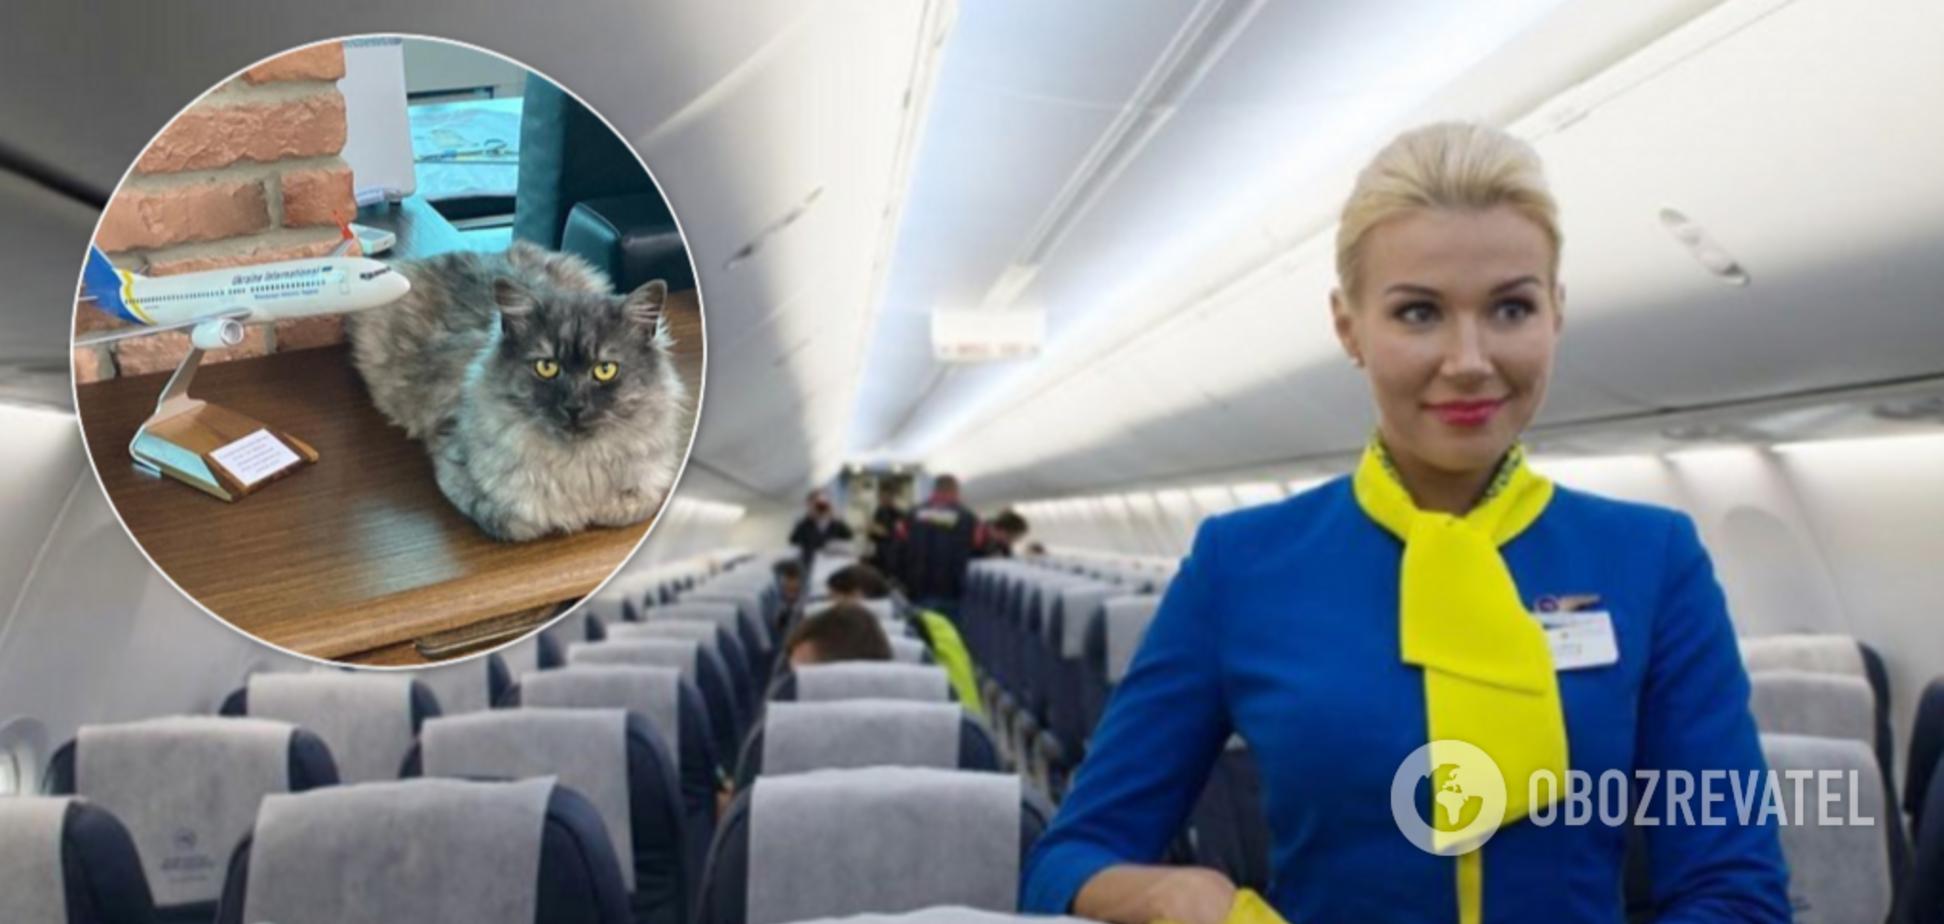 МАУ разрешили брать в салон самолета животных